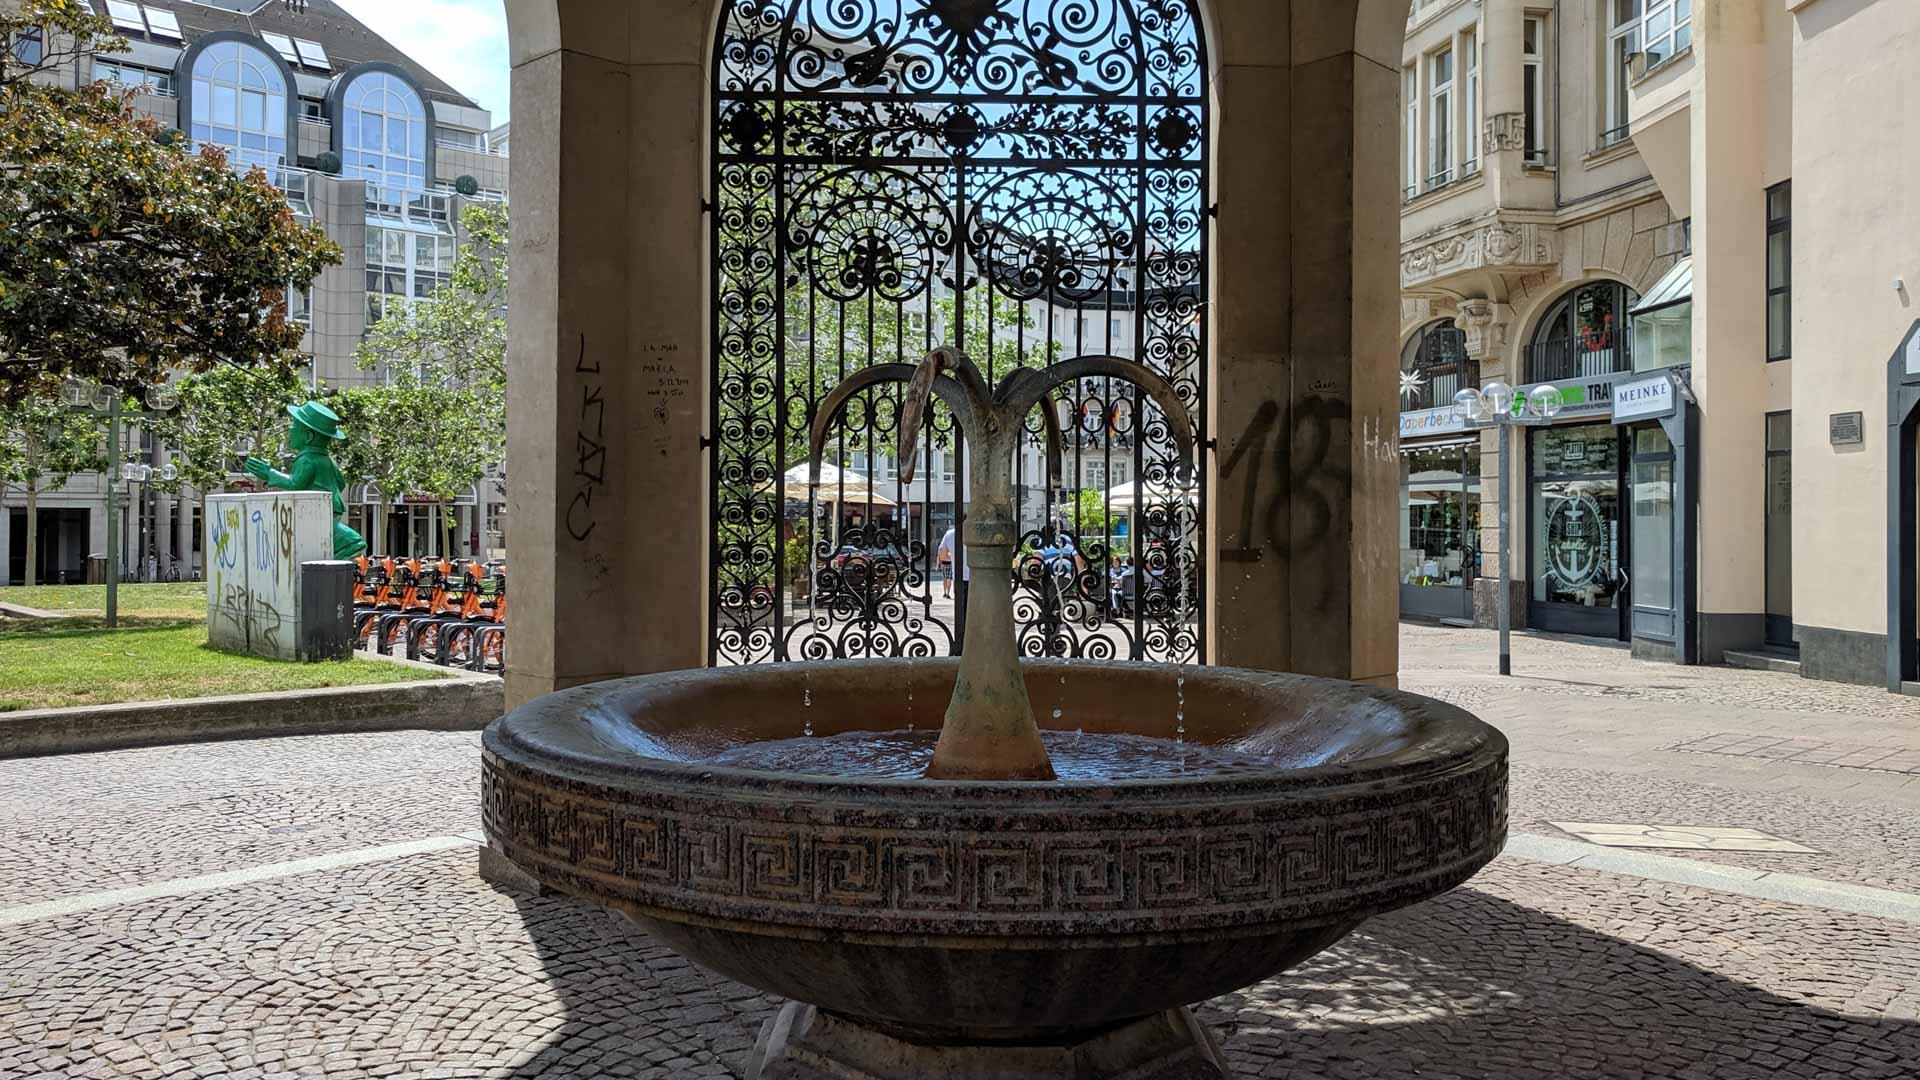 Kochbrunnen, another water fountain